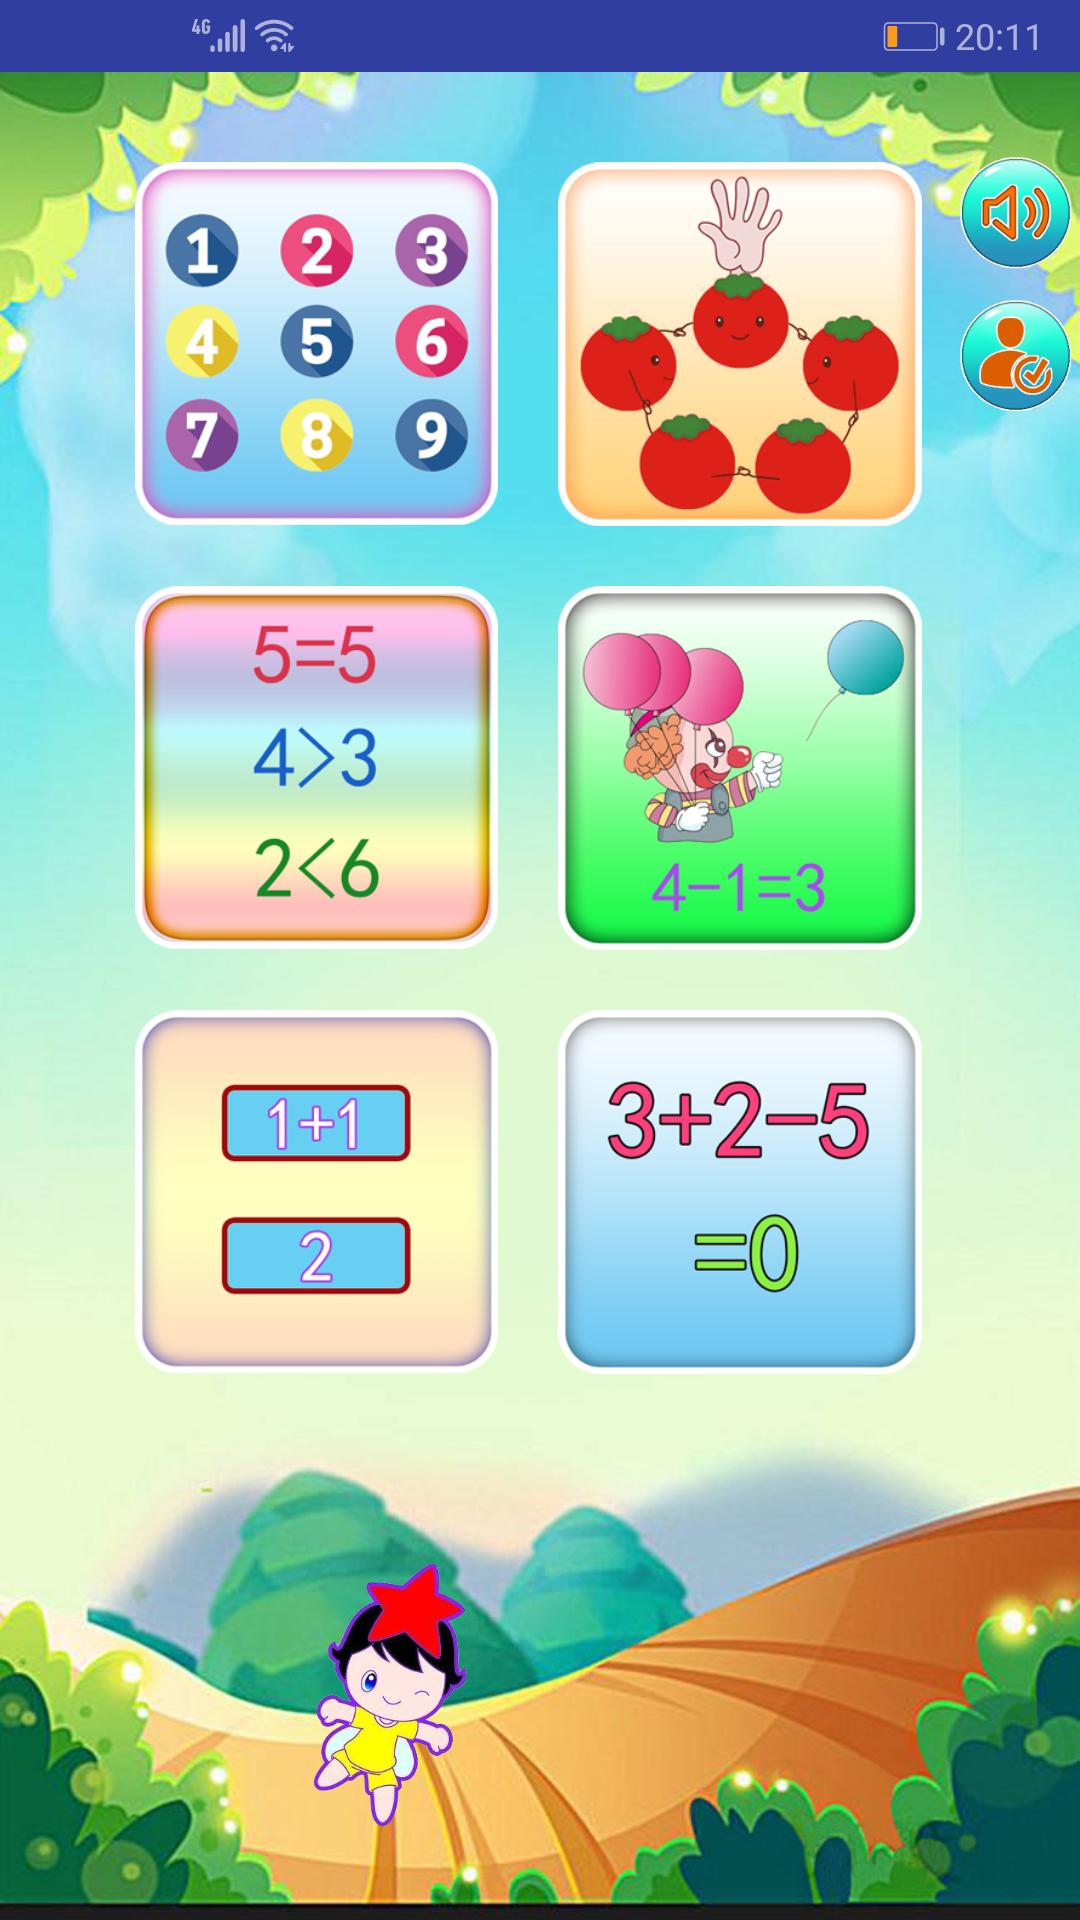 儿童学数学算术手游下载_儿童学数学算术3.6.5最新版下载 - (图1)